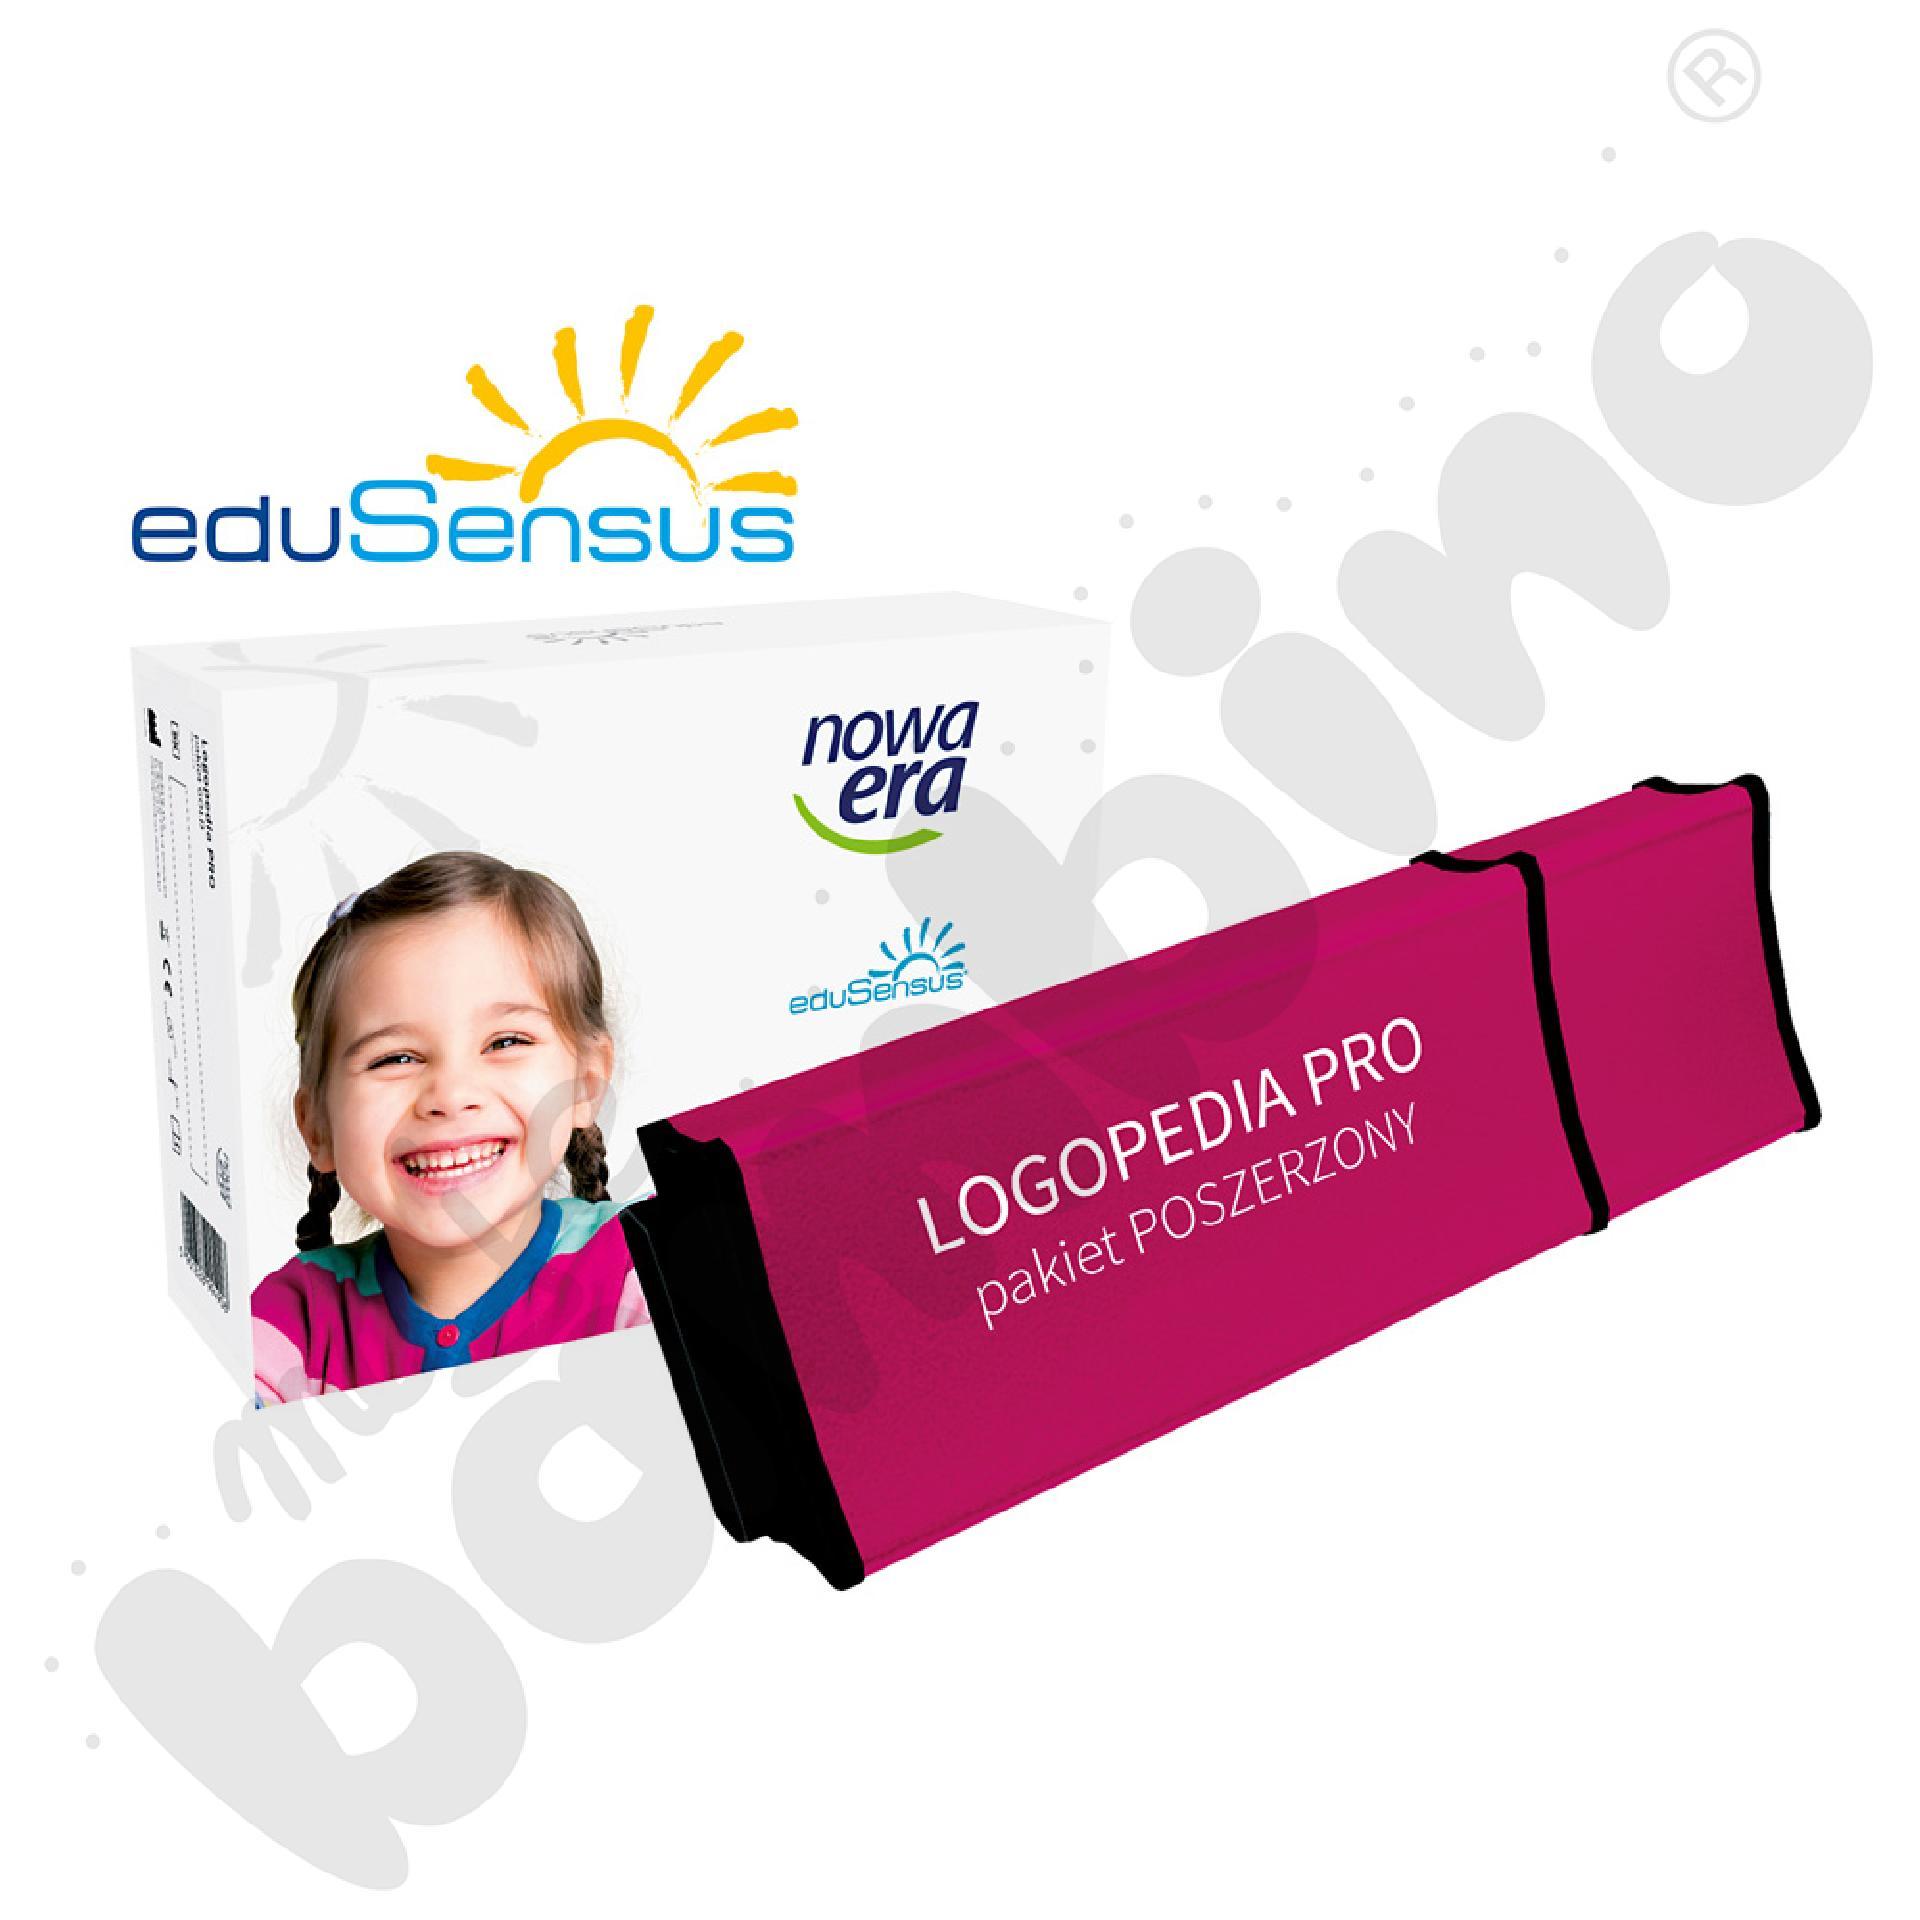 eduSensus LOGOPEDIA Pakiet Poszerzony